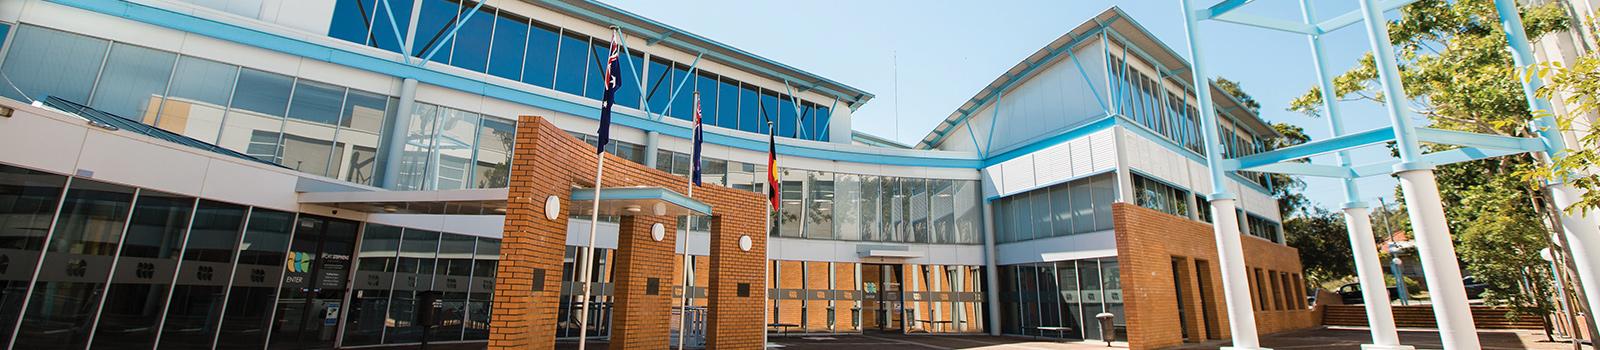 Council Exterior